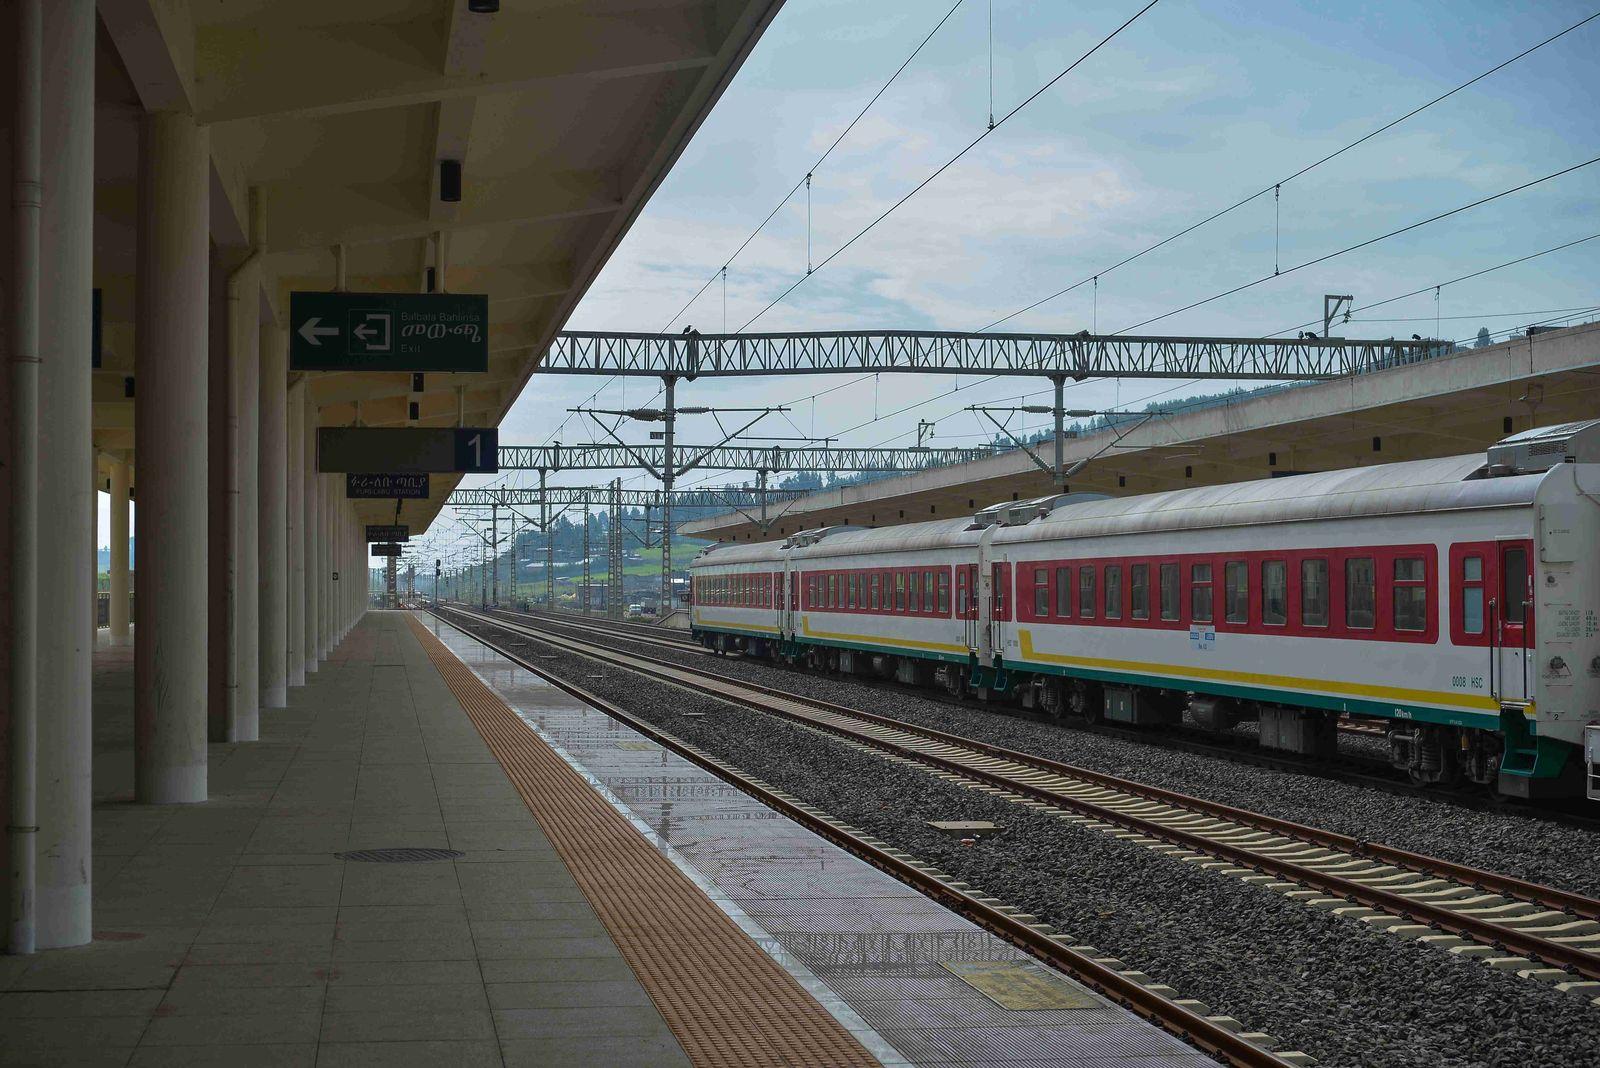 (200918) -- ADDIS ABABA, Sept. 18, 2020 -- Photo taken on Sept. 5, 2020 shows the Lebu station of Ethiopia-Djibouti Rail